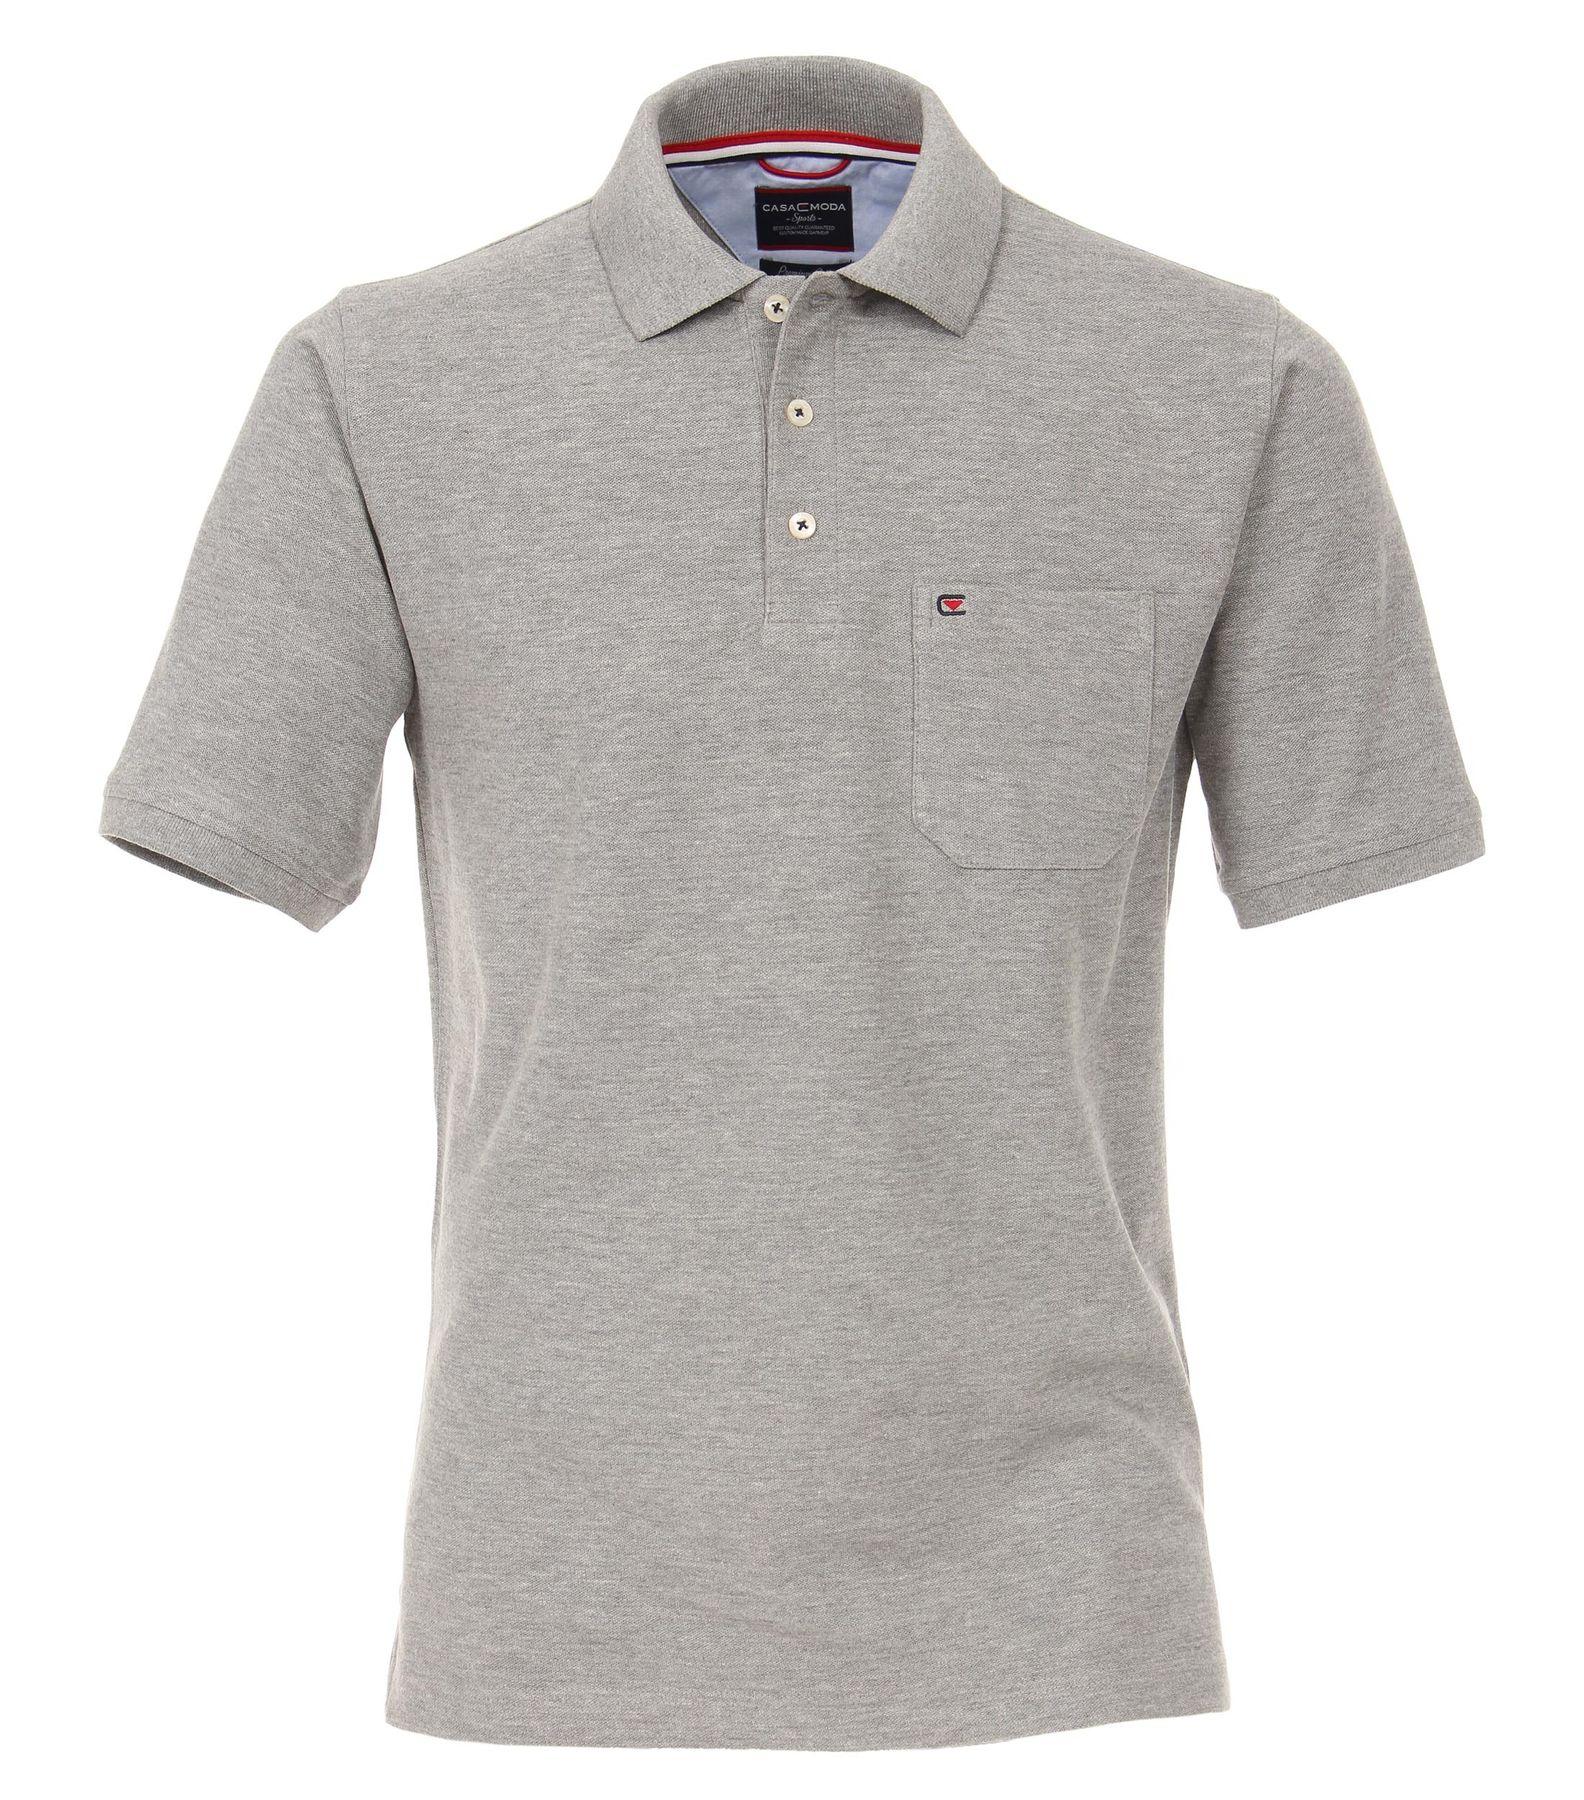 Casa Moda - Herren Polo Shirt mit Brusttasche in verschiedenen Farben S-6XL (004270) – Bild 22